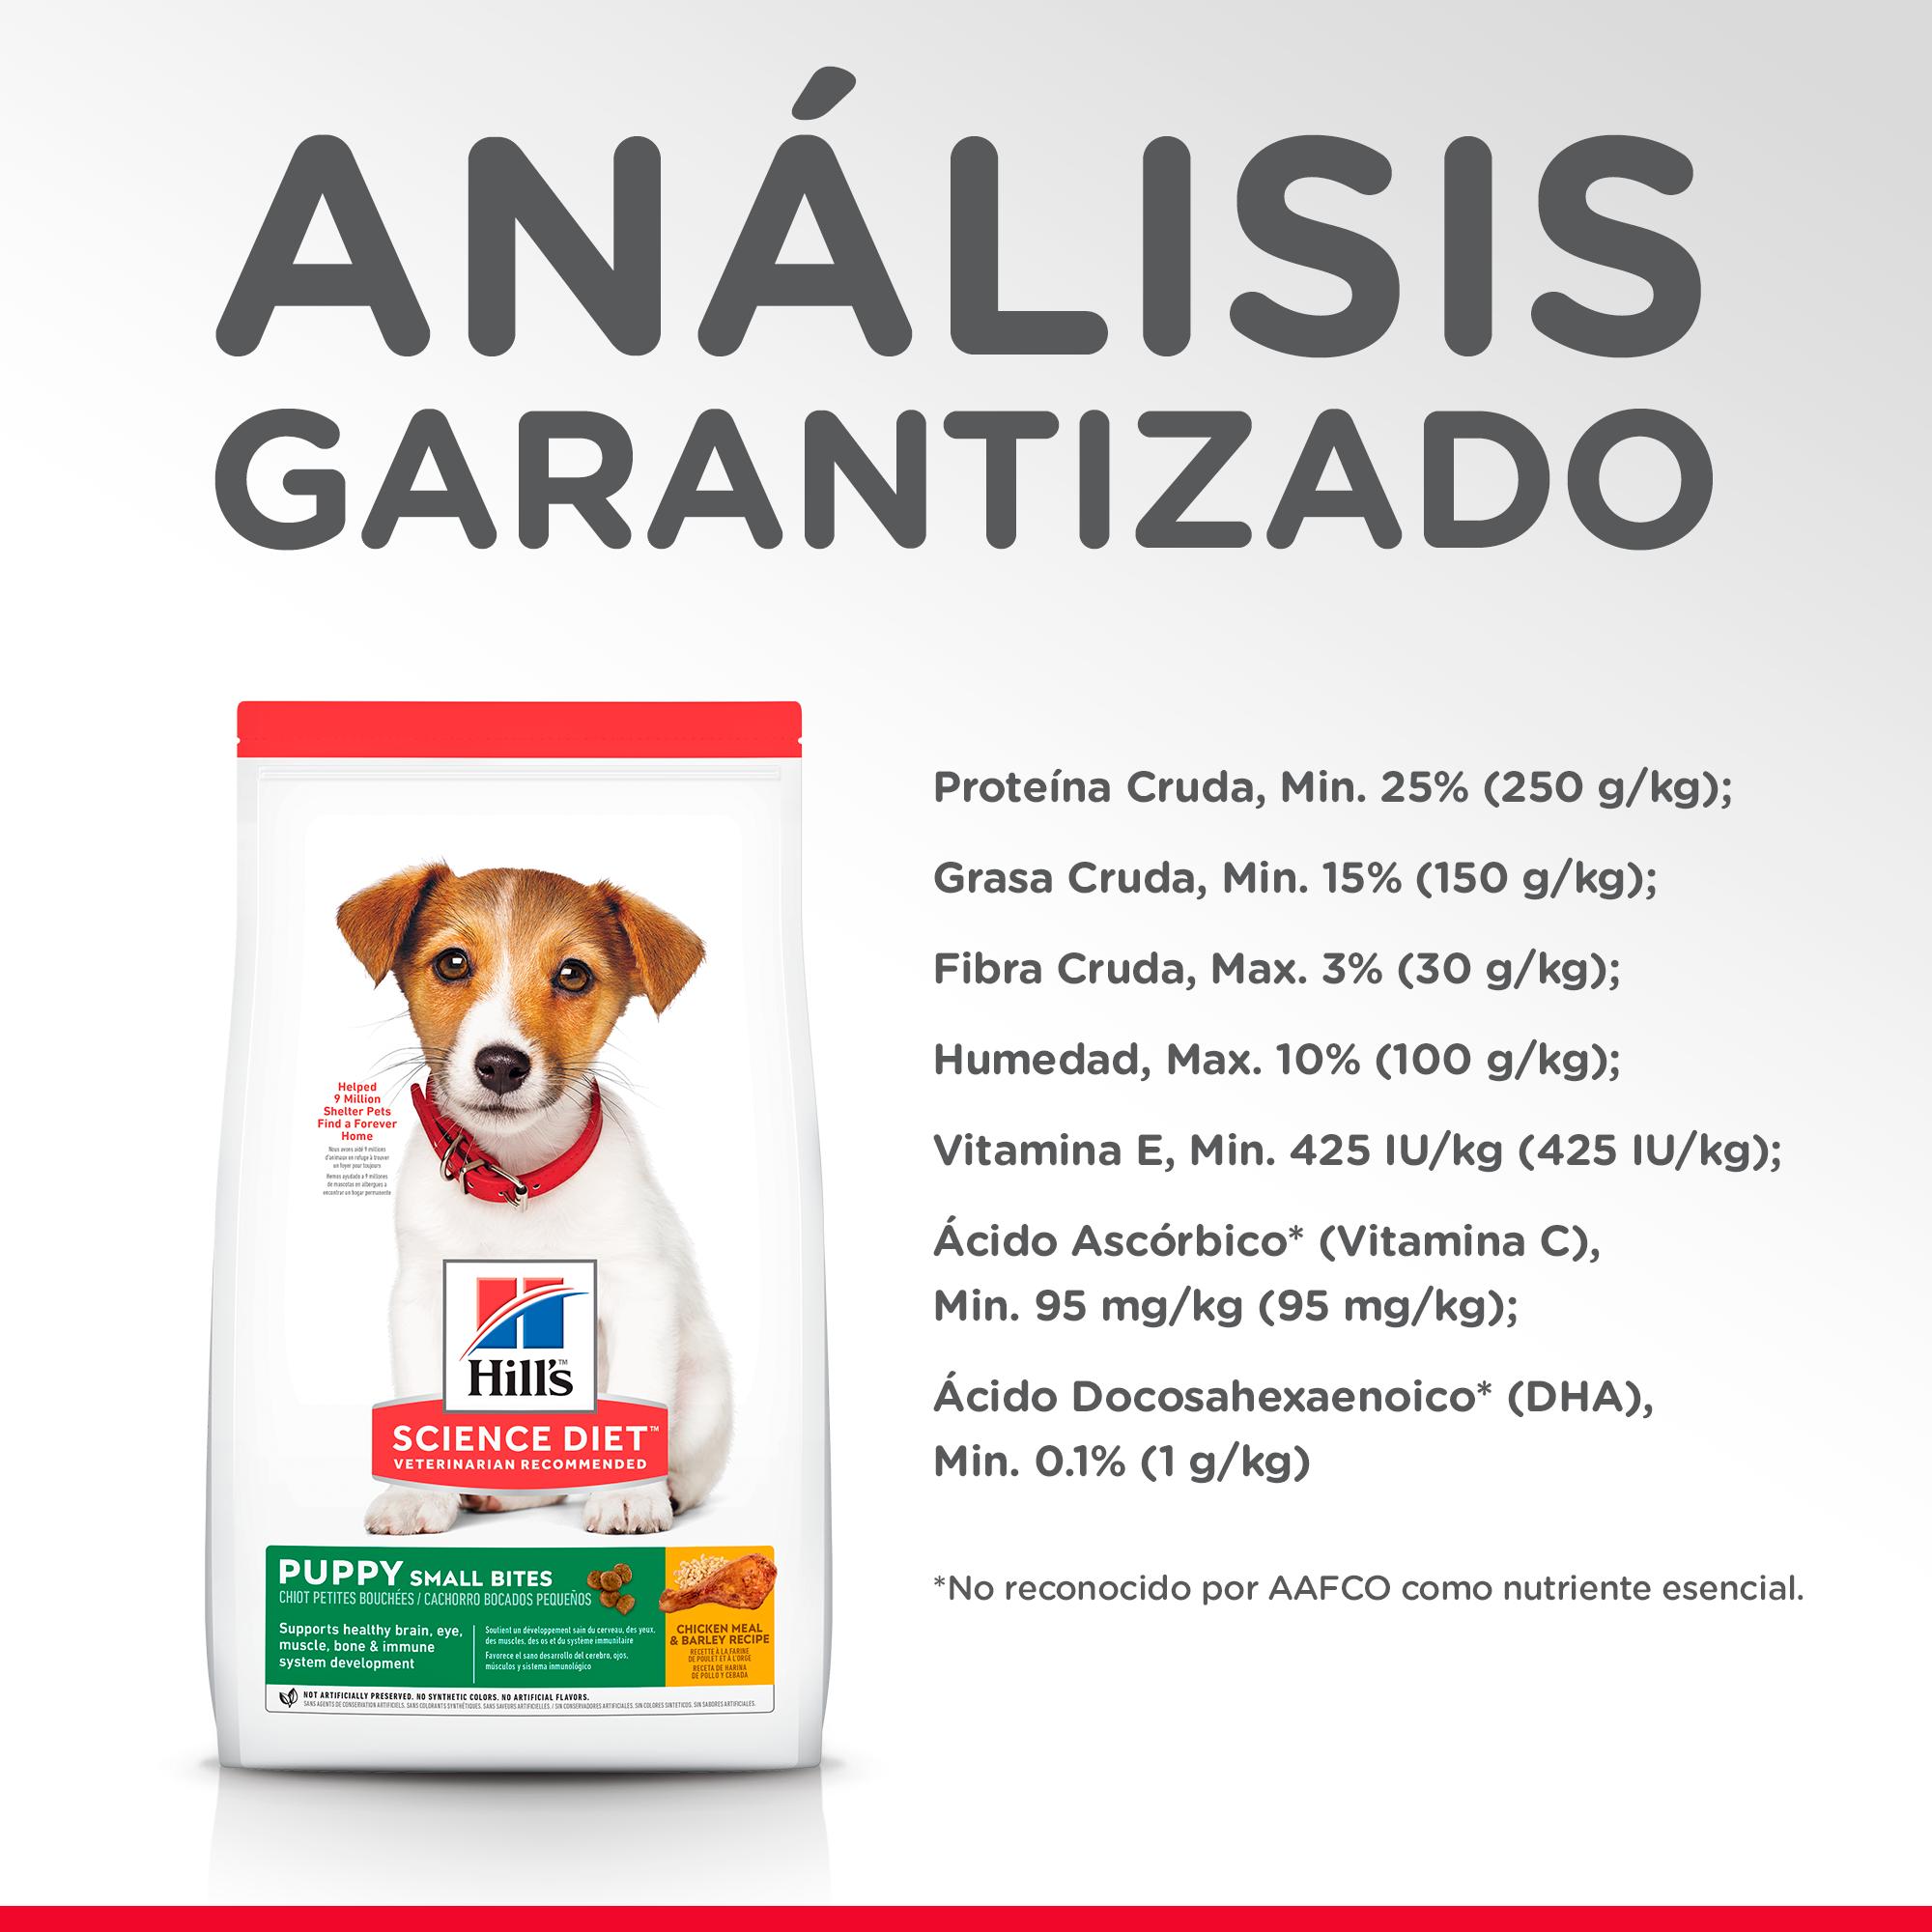 10- Guaranteed Analysis